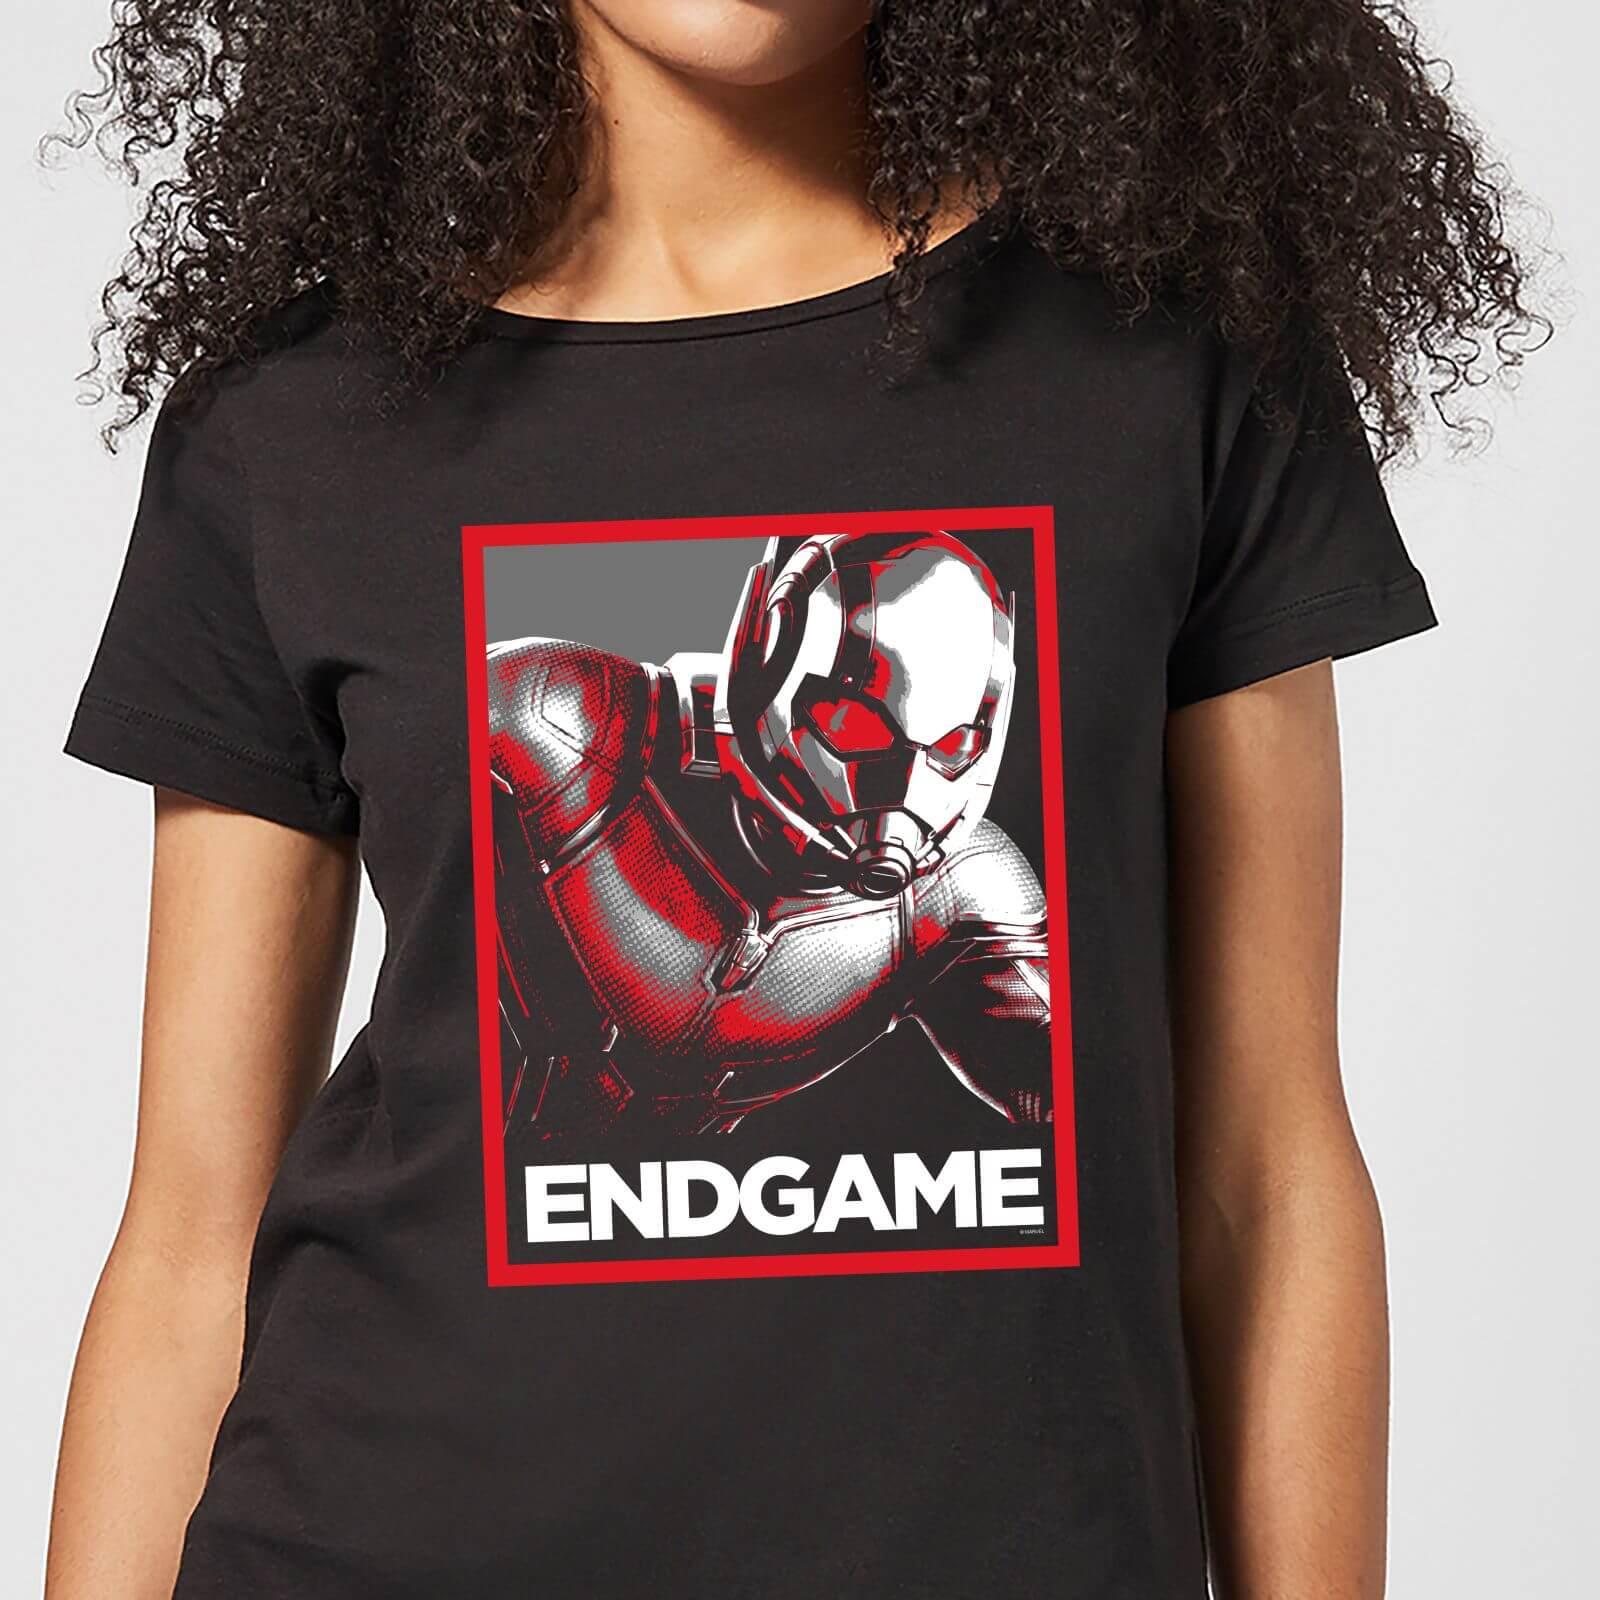 Marvel Avengers Endgame Ant-Man Poster Women's T-Shirt - Black - S - Black